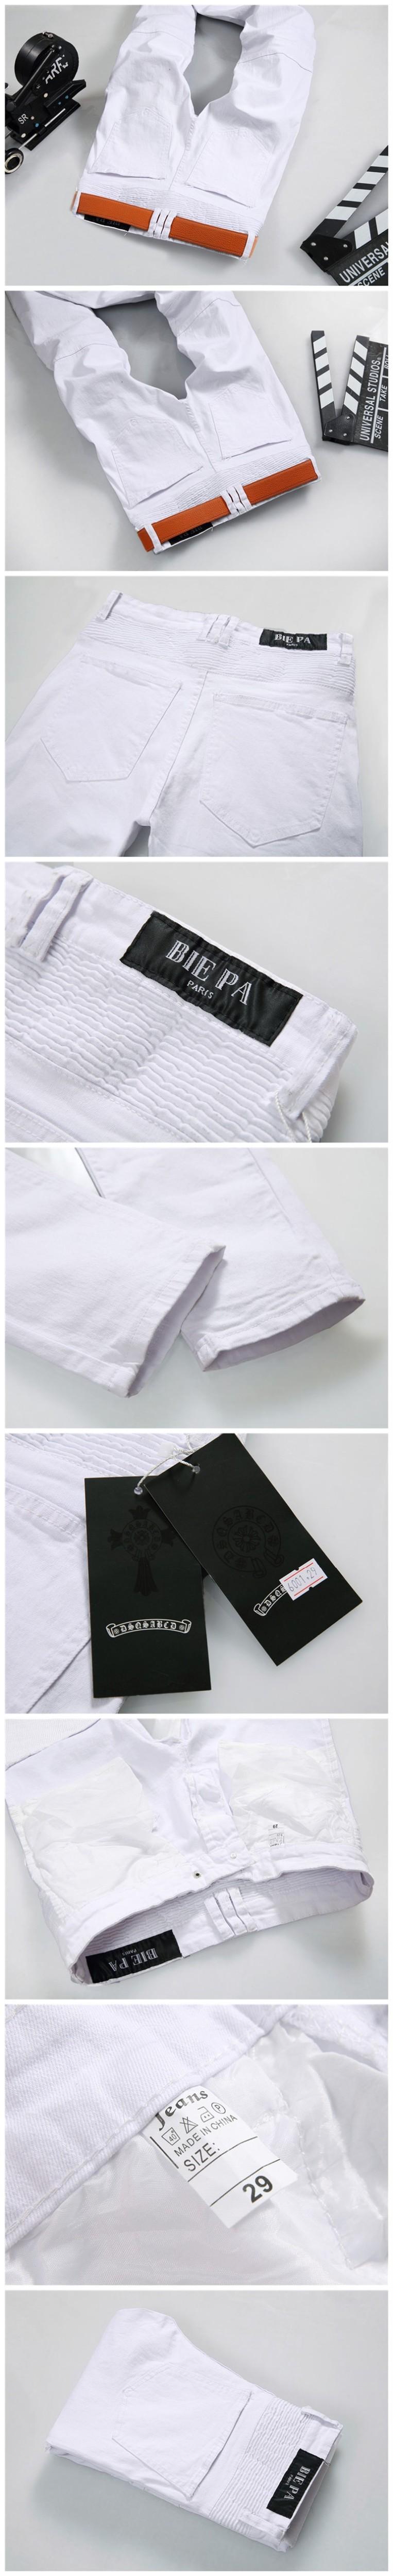 Скидки на Горячая распродажа белые джинсы мужчины высокое качество байкер джинсы 2016 новый конструктор мода джинсовые комбинезоны марка одежда Slim Fit свободного покроя брюки